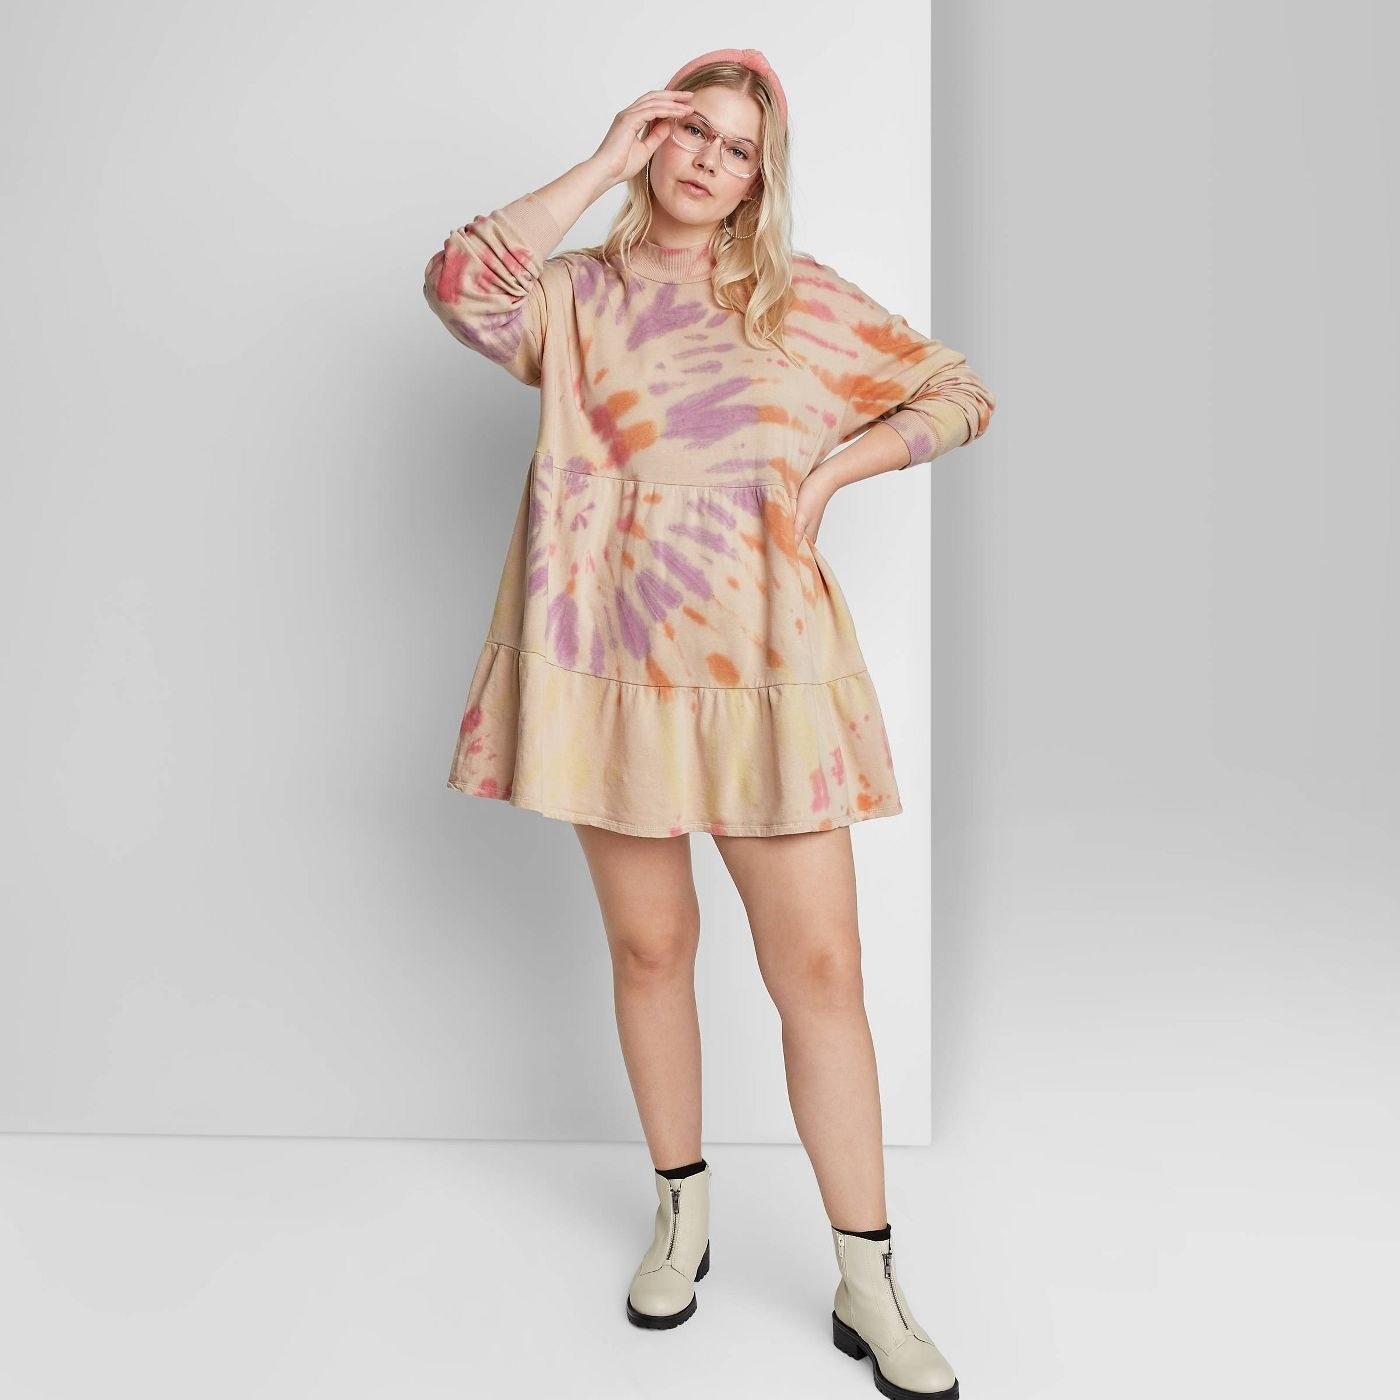 Model in long sleeve sweatshirt dress